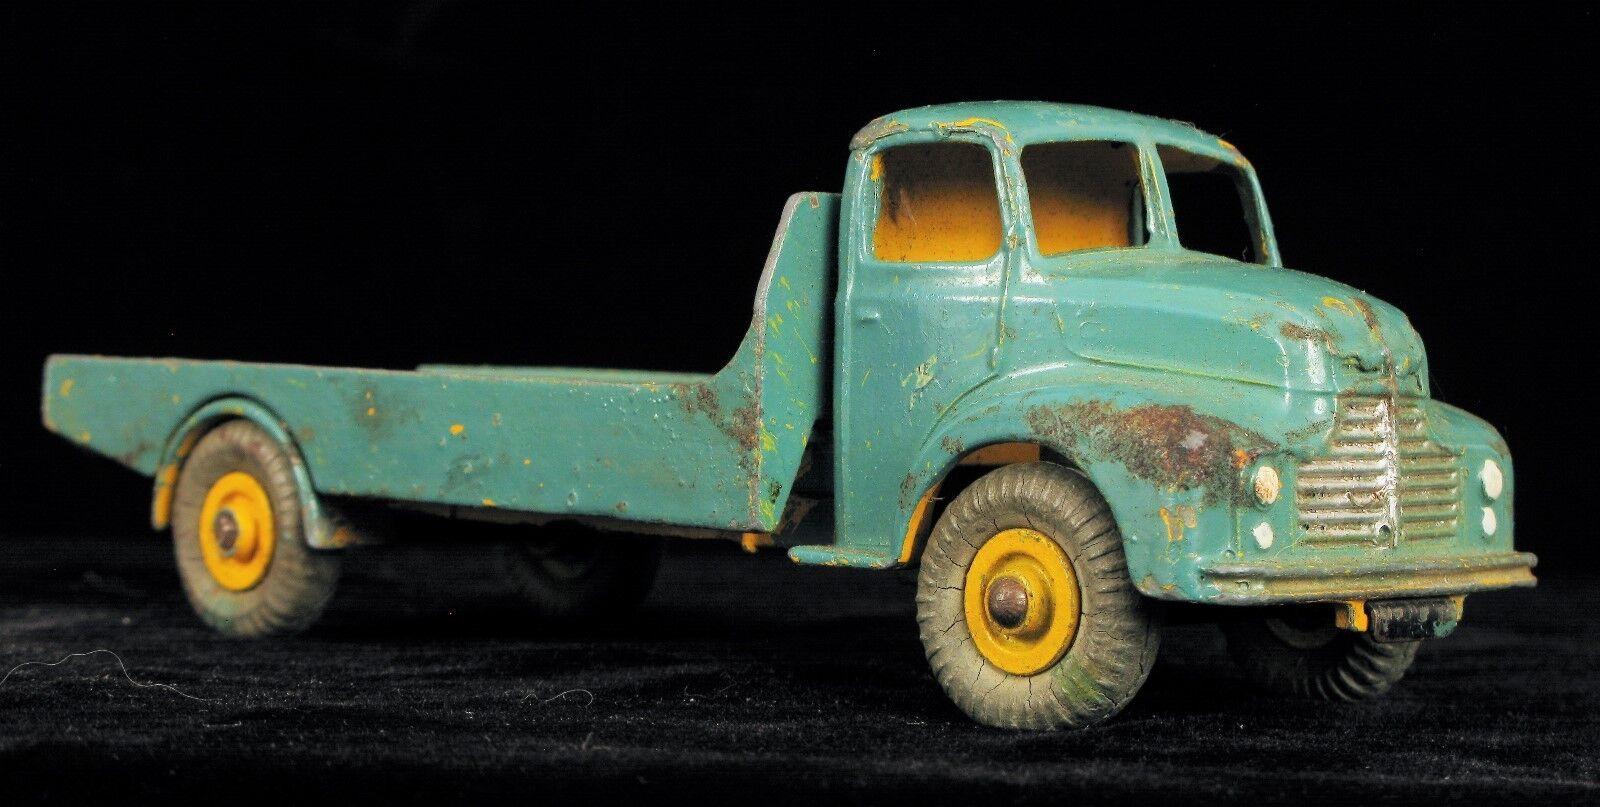 Antique Dinky Supertoys Leyland Comet Fabriqué en Angleterre Meccano 533 Vert